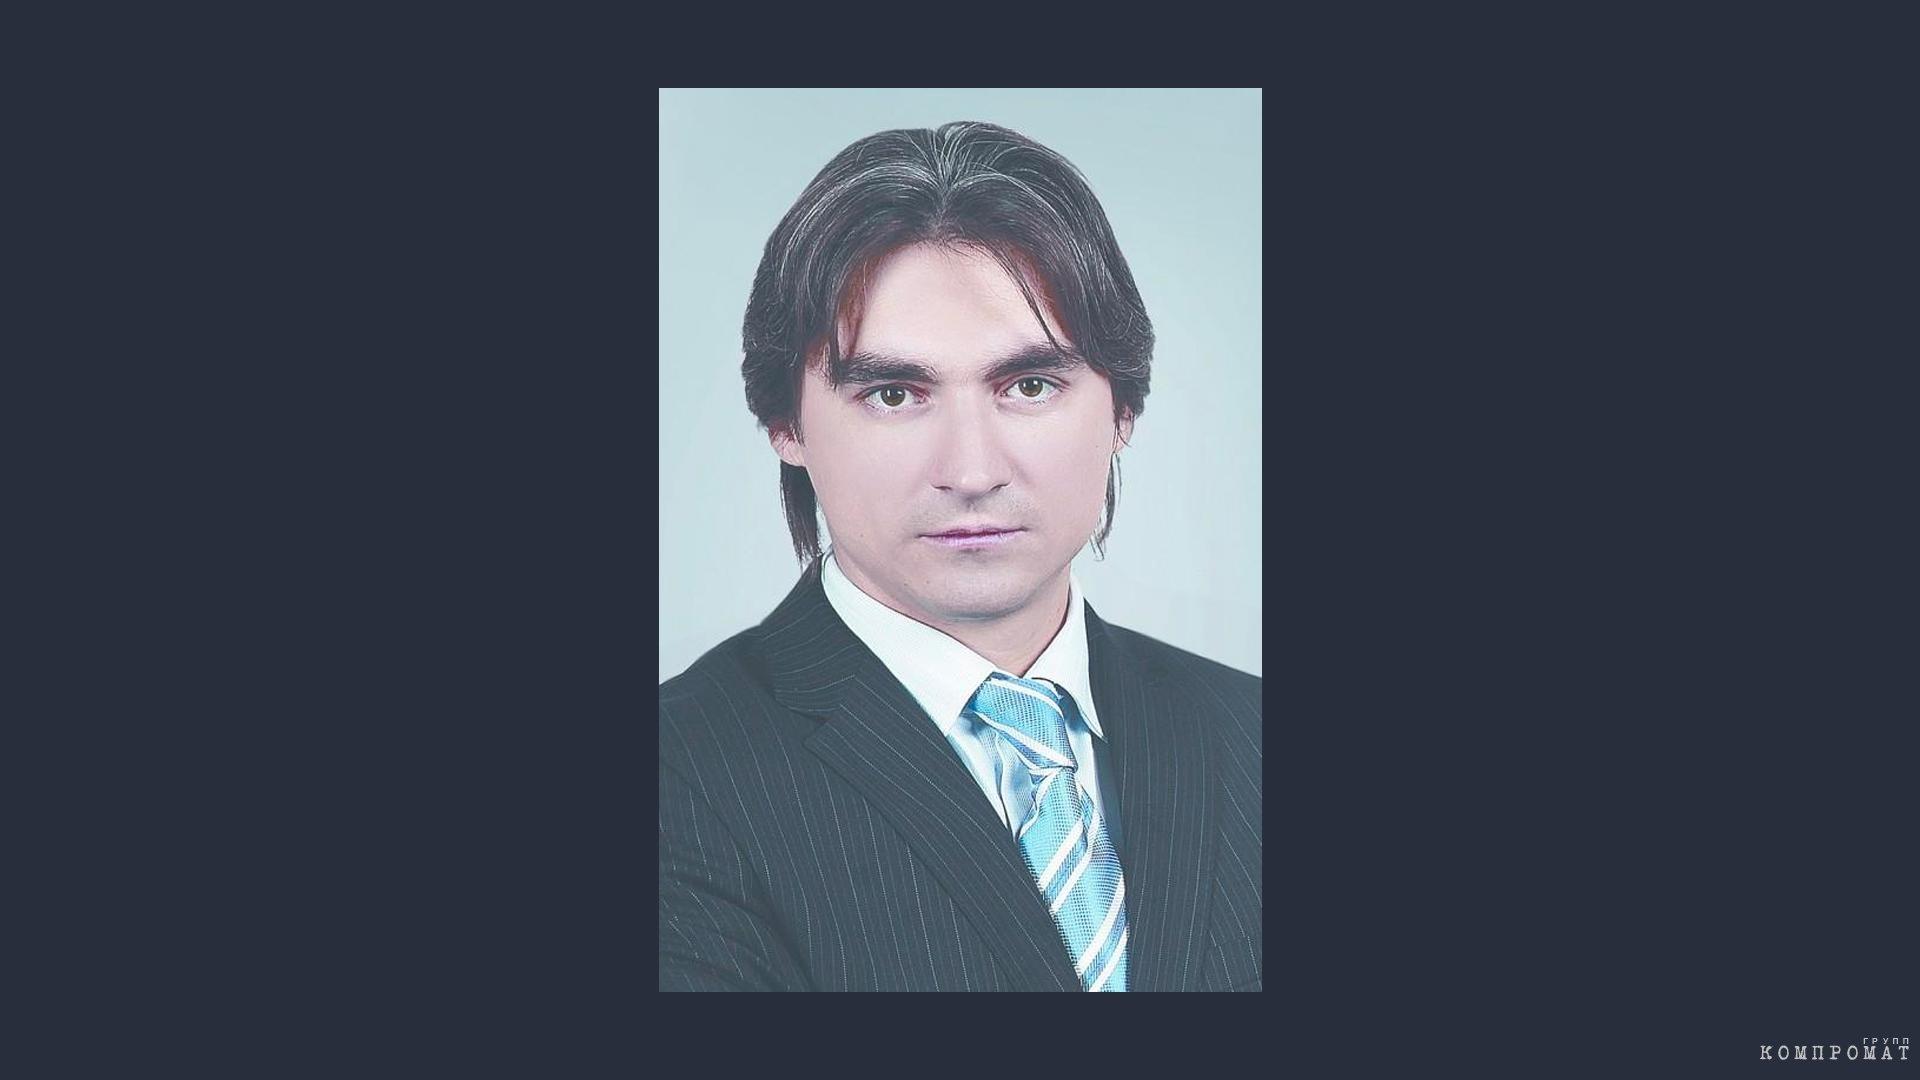 Хозяин ЛДПР ТВ, землевладелец и лоббист своих интересов